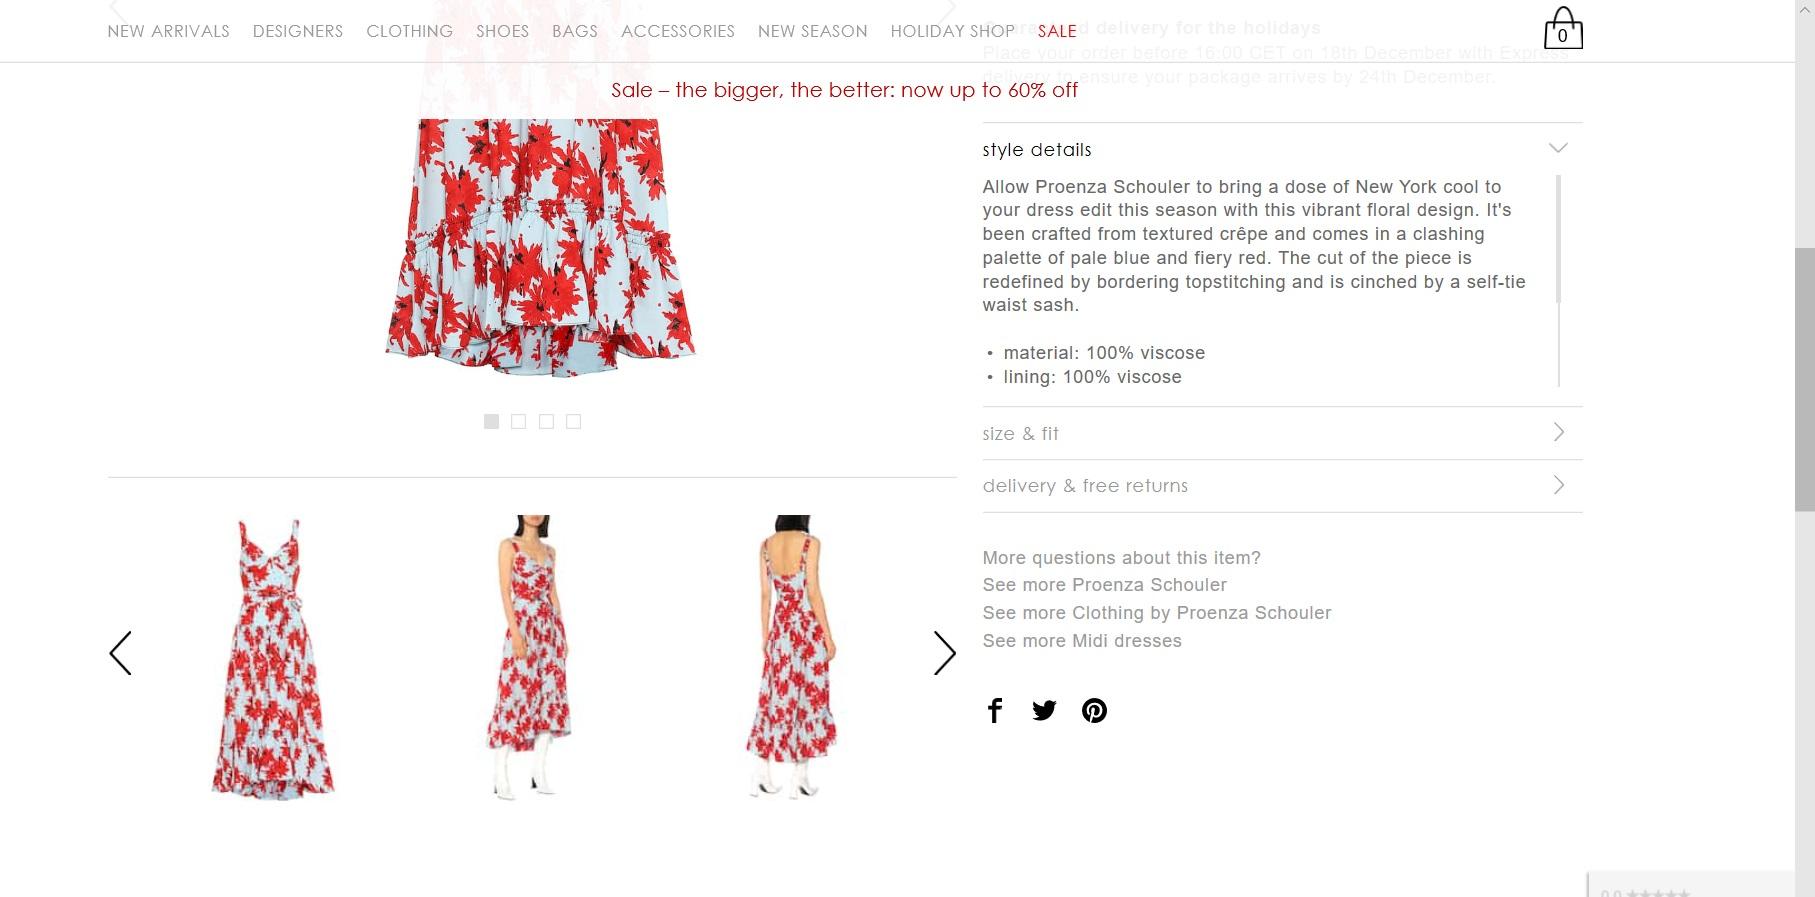 Product description of a chosen dress.